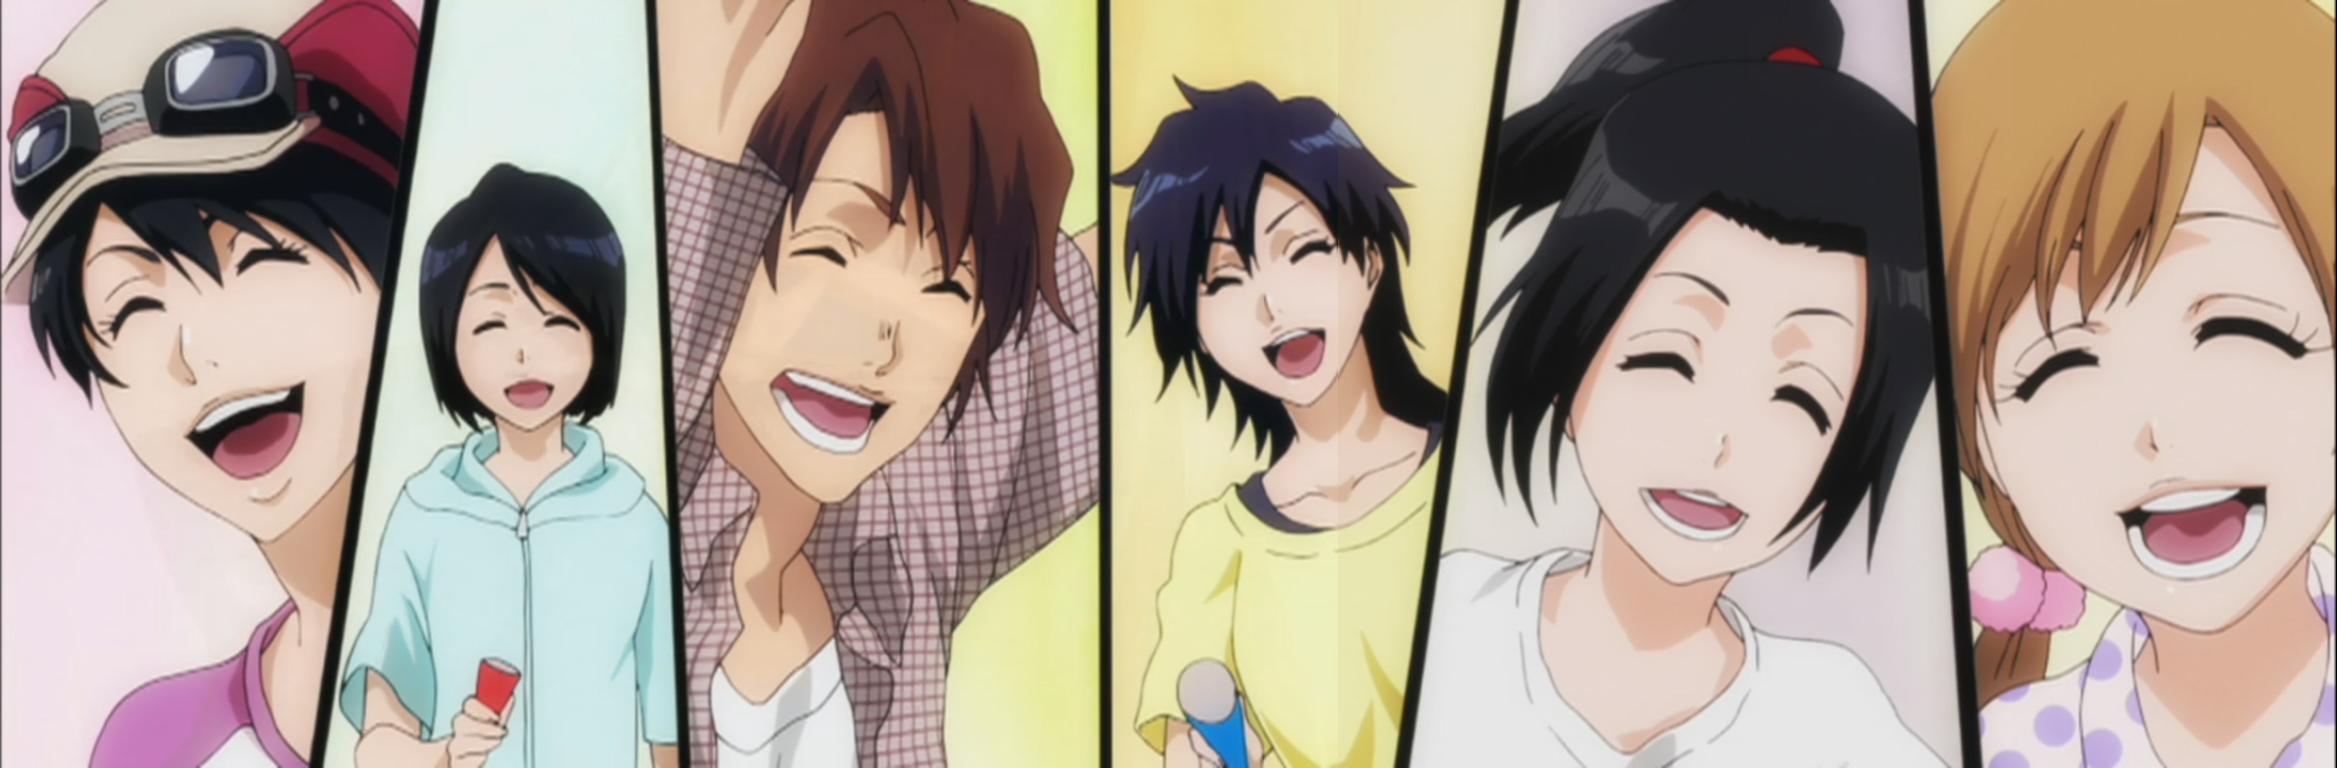 ichigo vs tsukishima � bleach 359 daily anime art